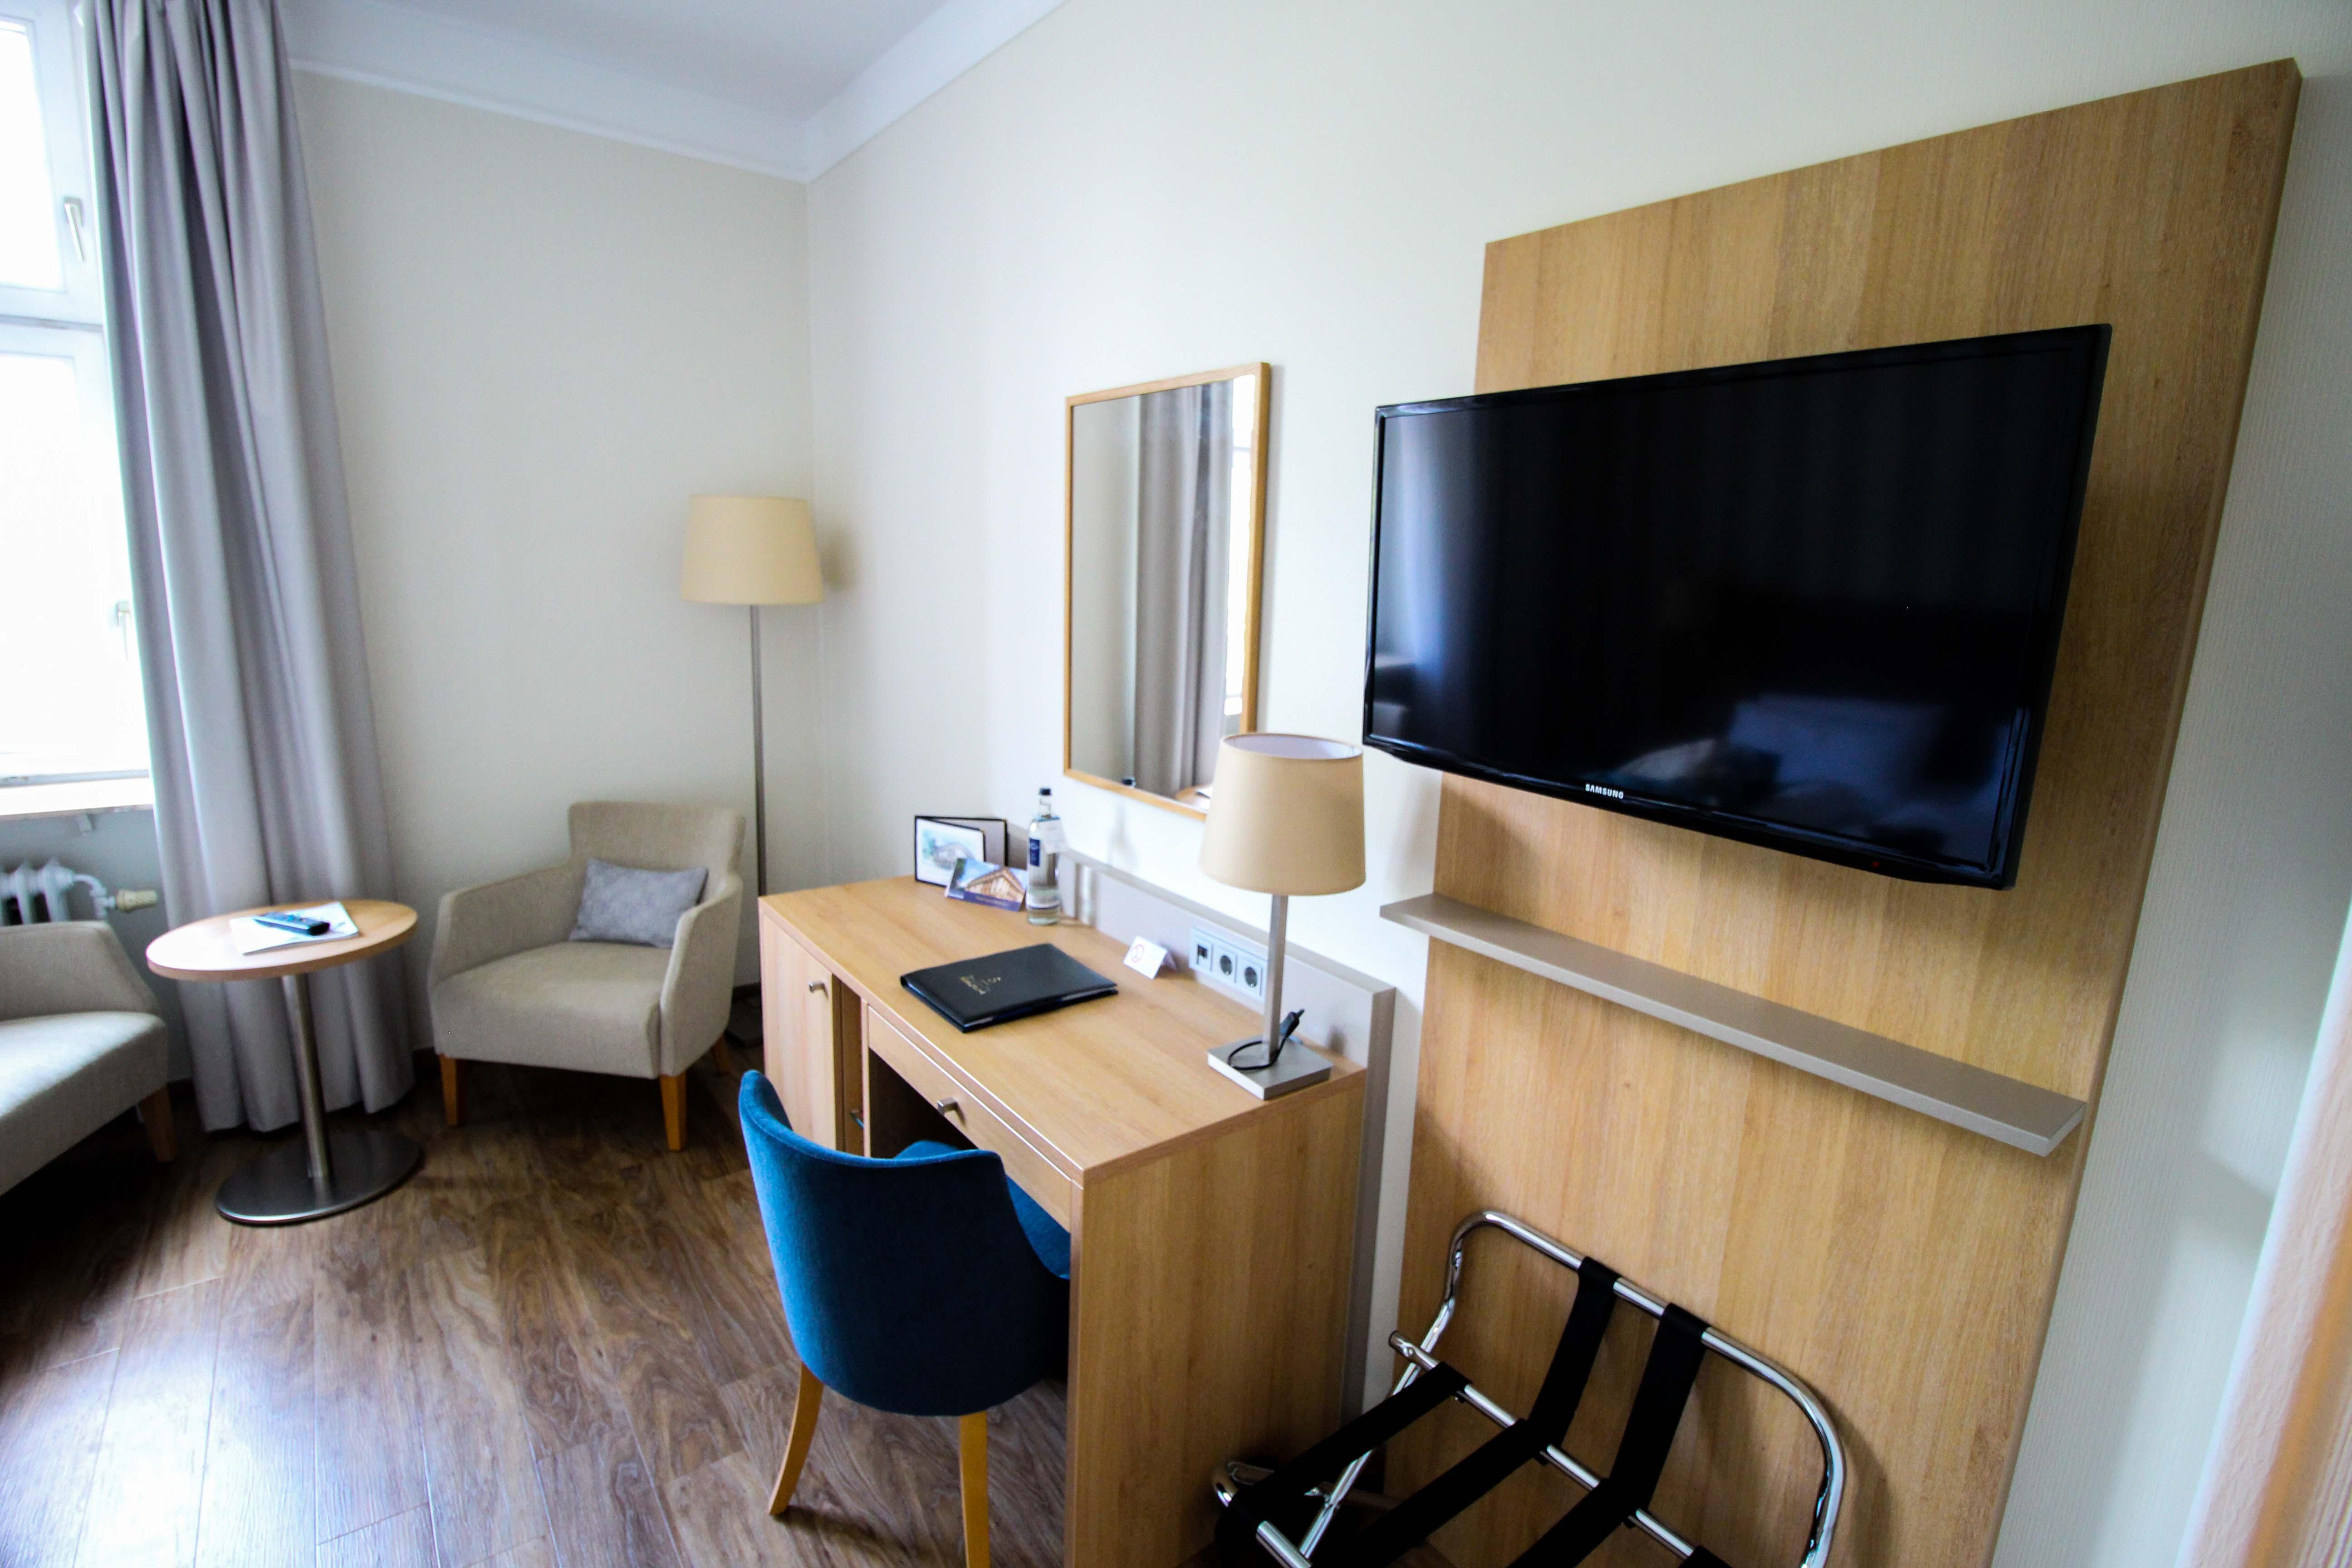 Schlosshotel Karlsruhe Hotelzimmer Arbeitsplatz Luxushotel Hotel Review Reiseblog Brinisfashionbook